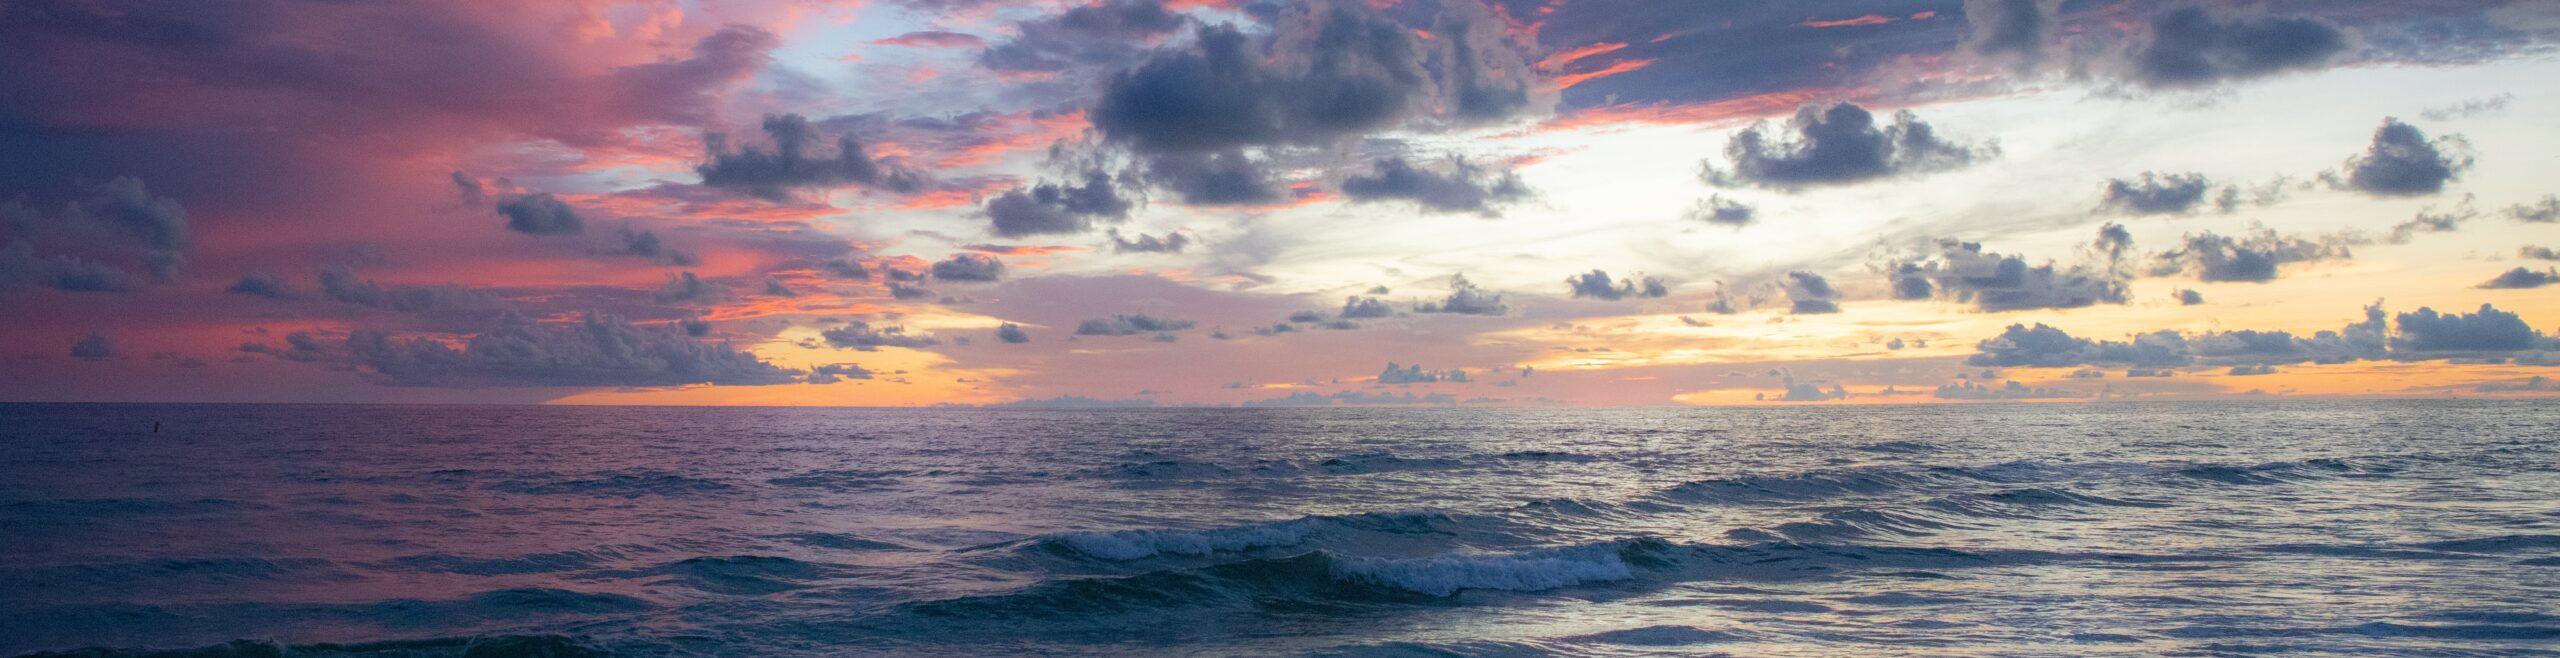 Côte au trésor, Floride